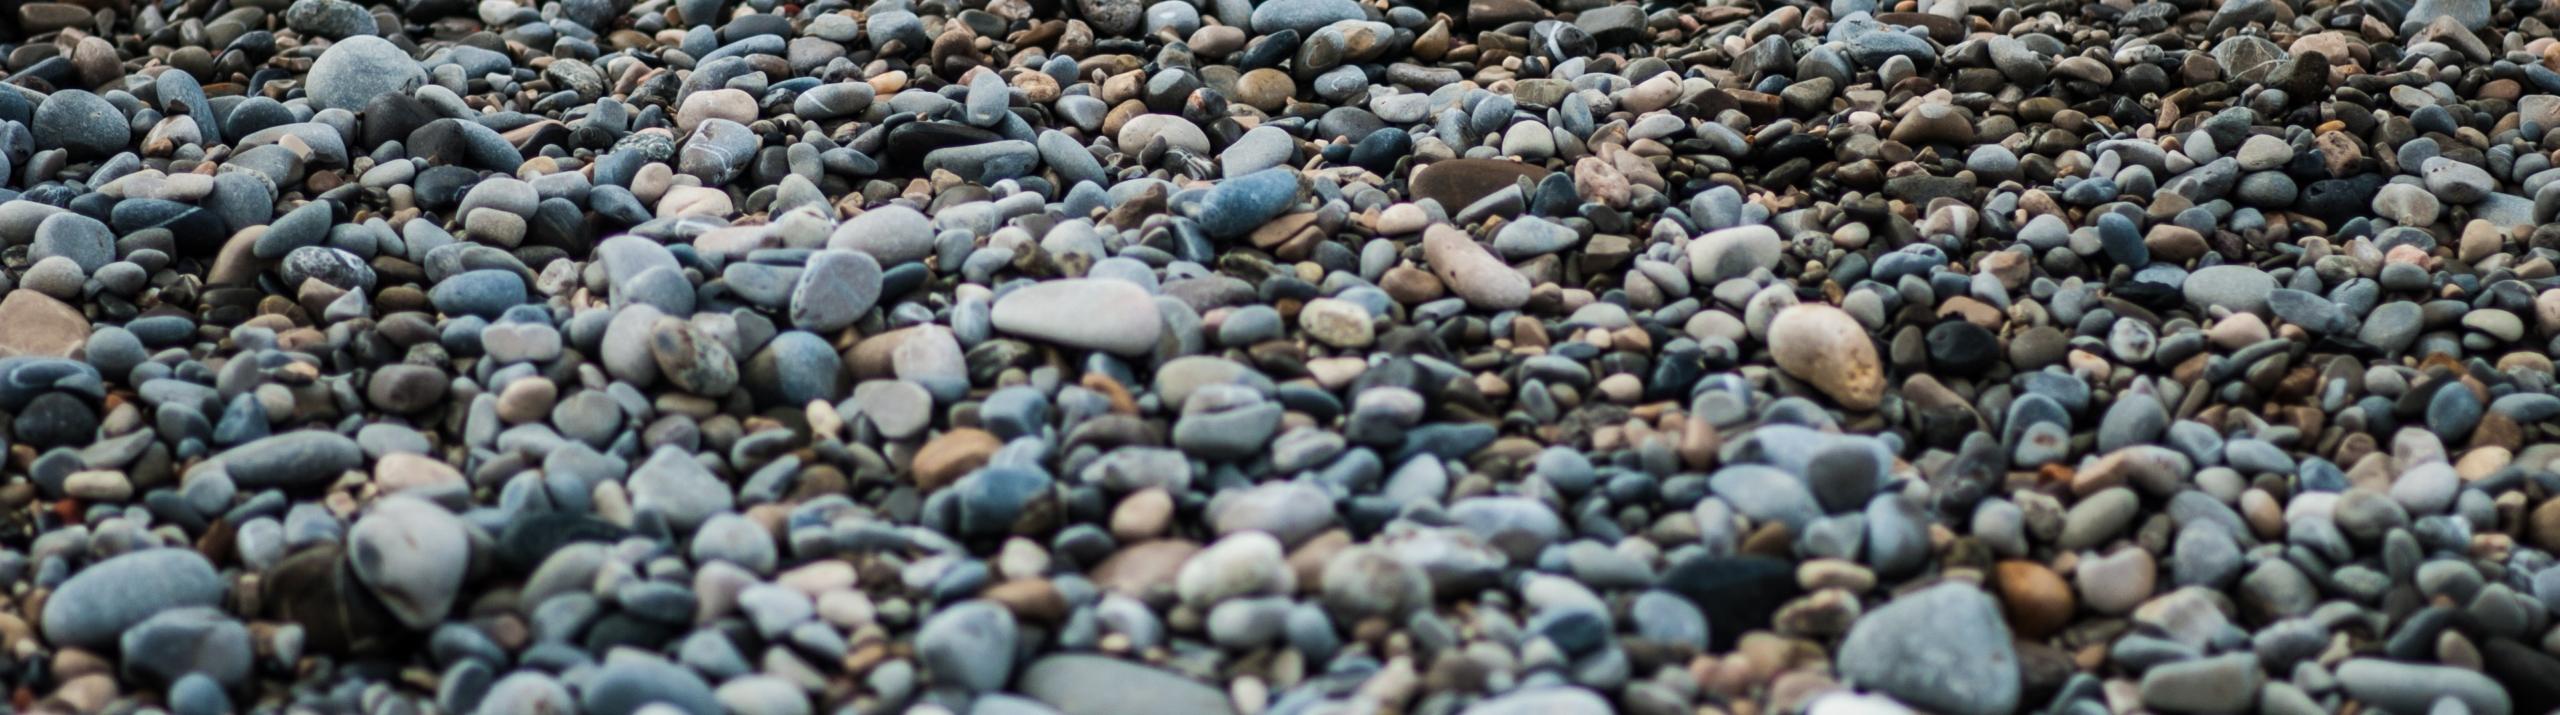 Photo of pebble beach